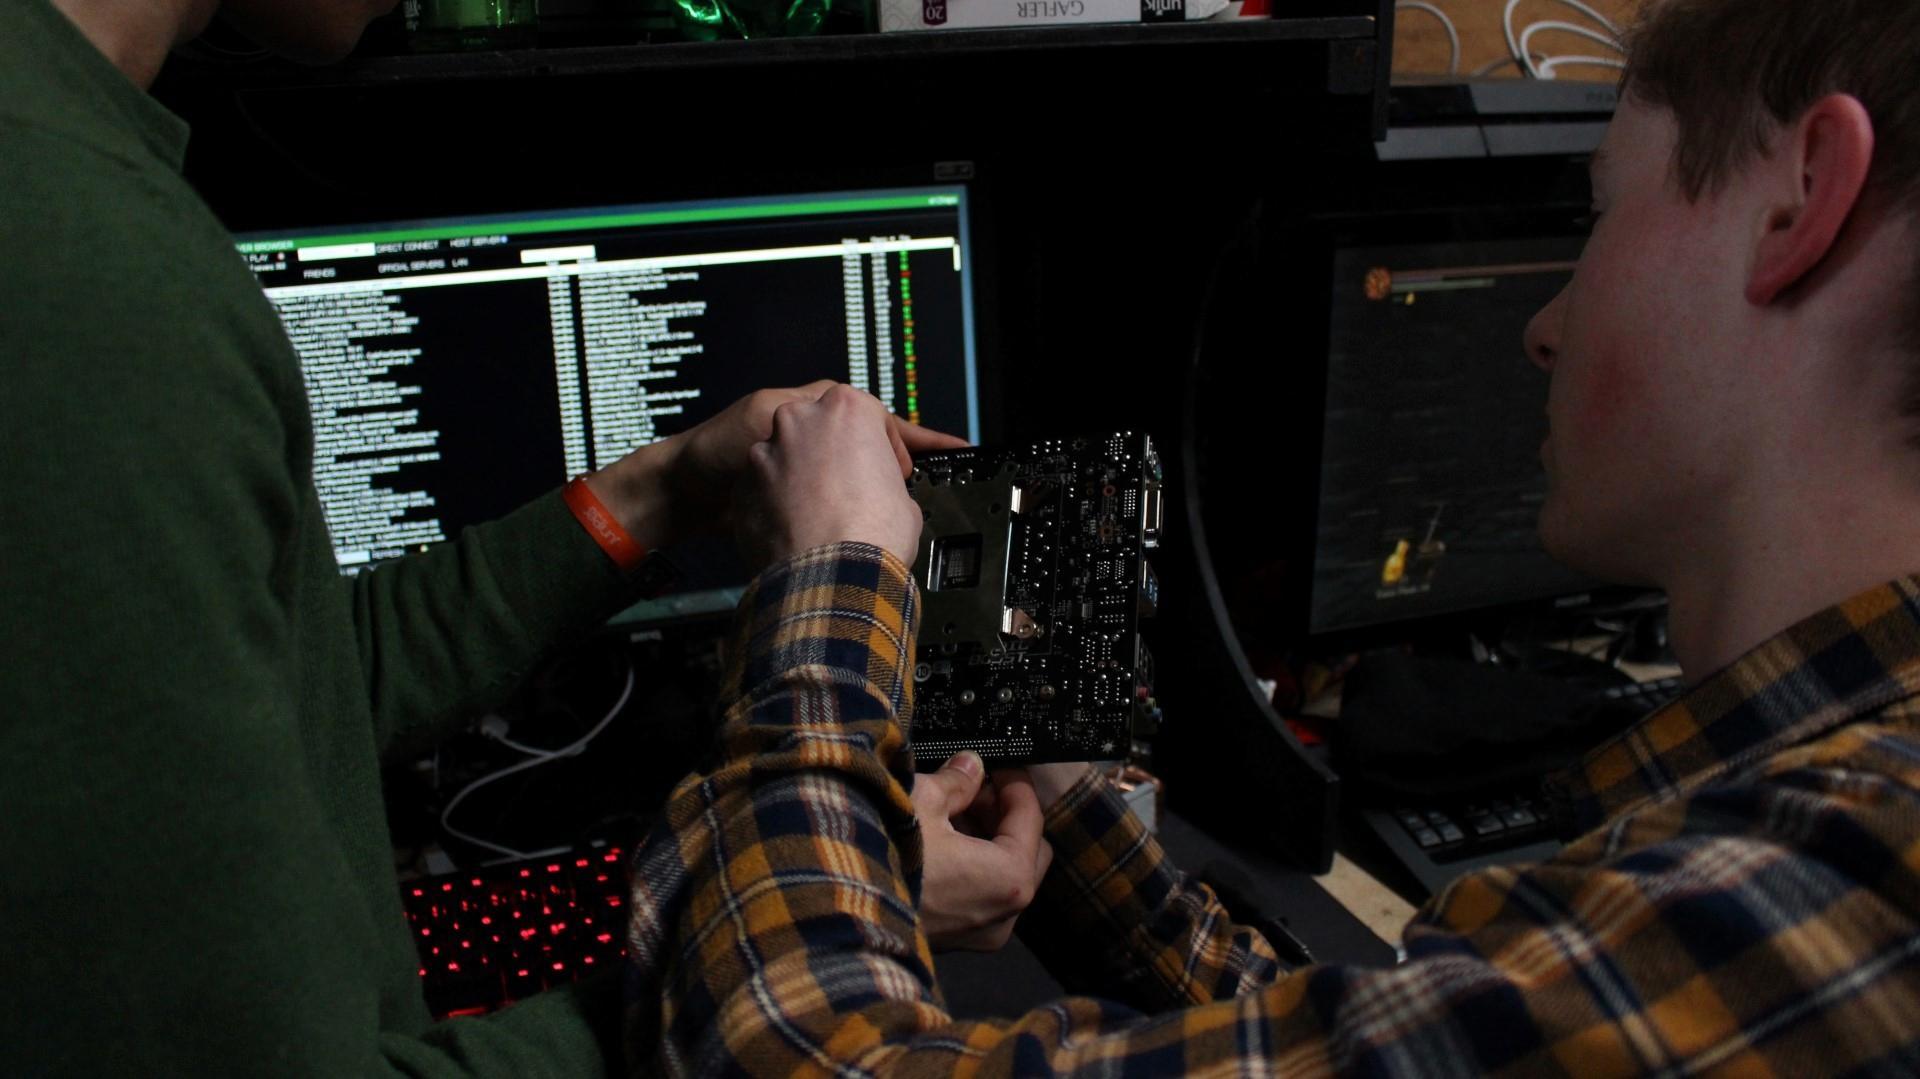 TG kan være sosialt på flere måter. Her fikk noen hjelp av sidemannen til å fikse litt hardware!